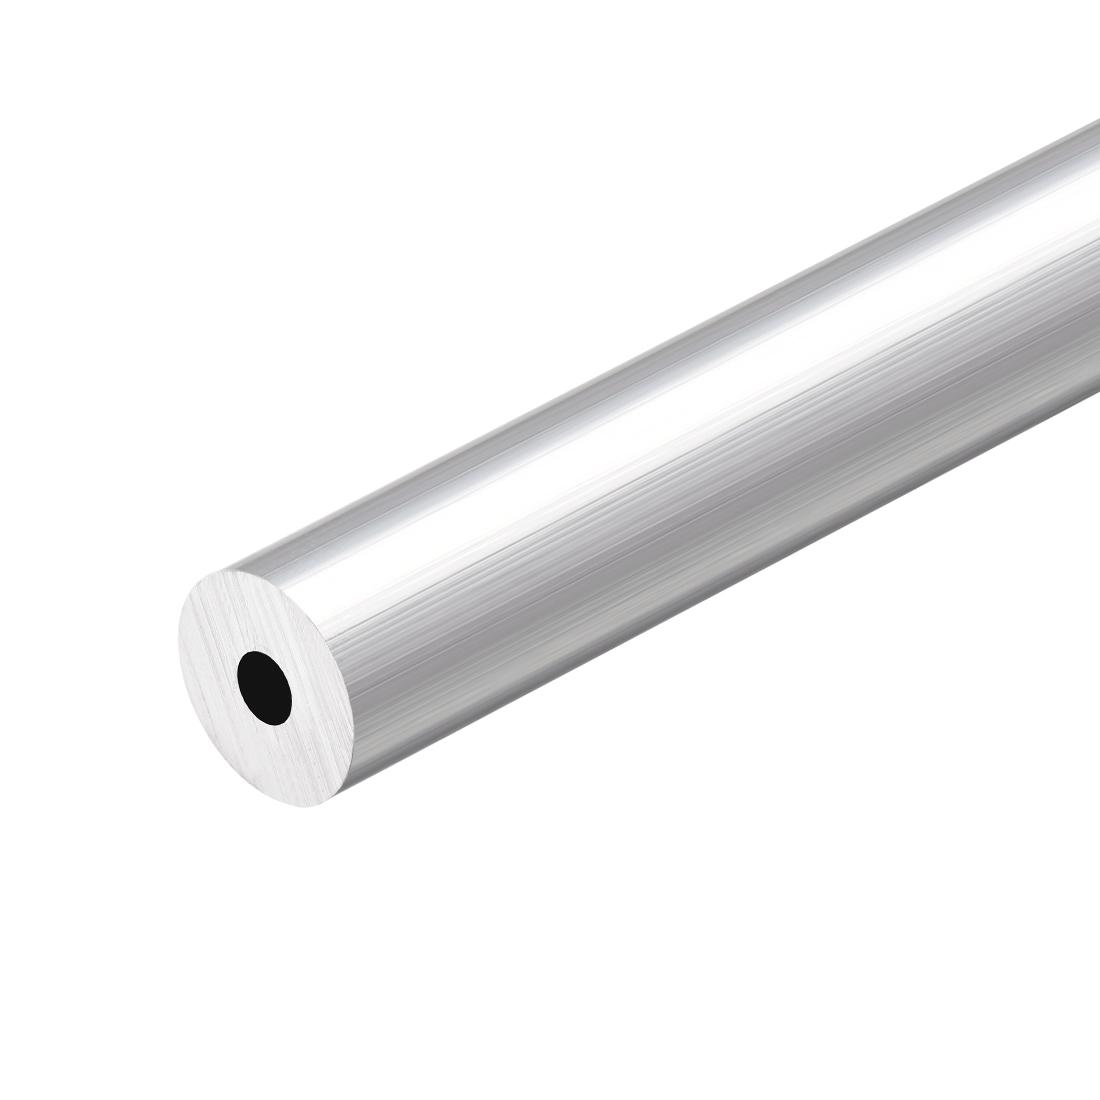 6063 Aluminum Round Tube 300mm Length 16mm OD 5mm Inner Dia Seamless Tubing